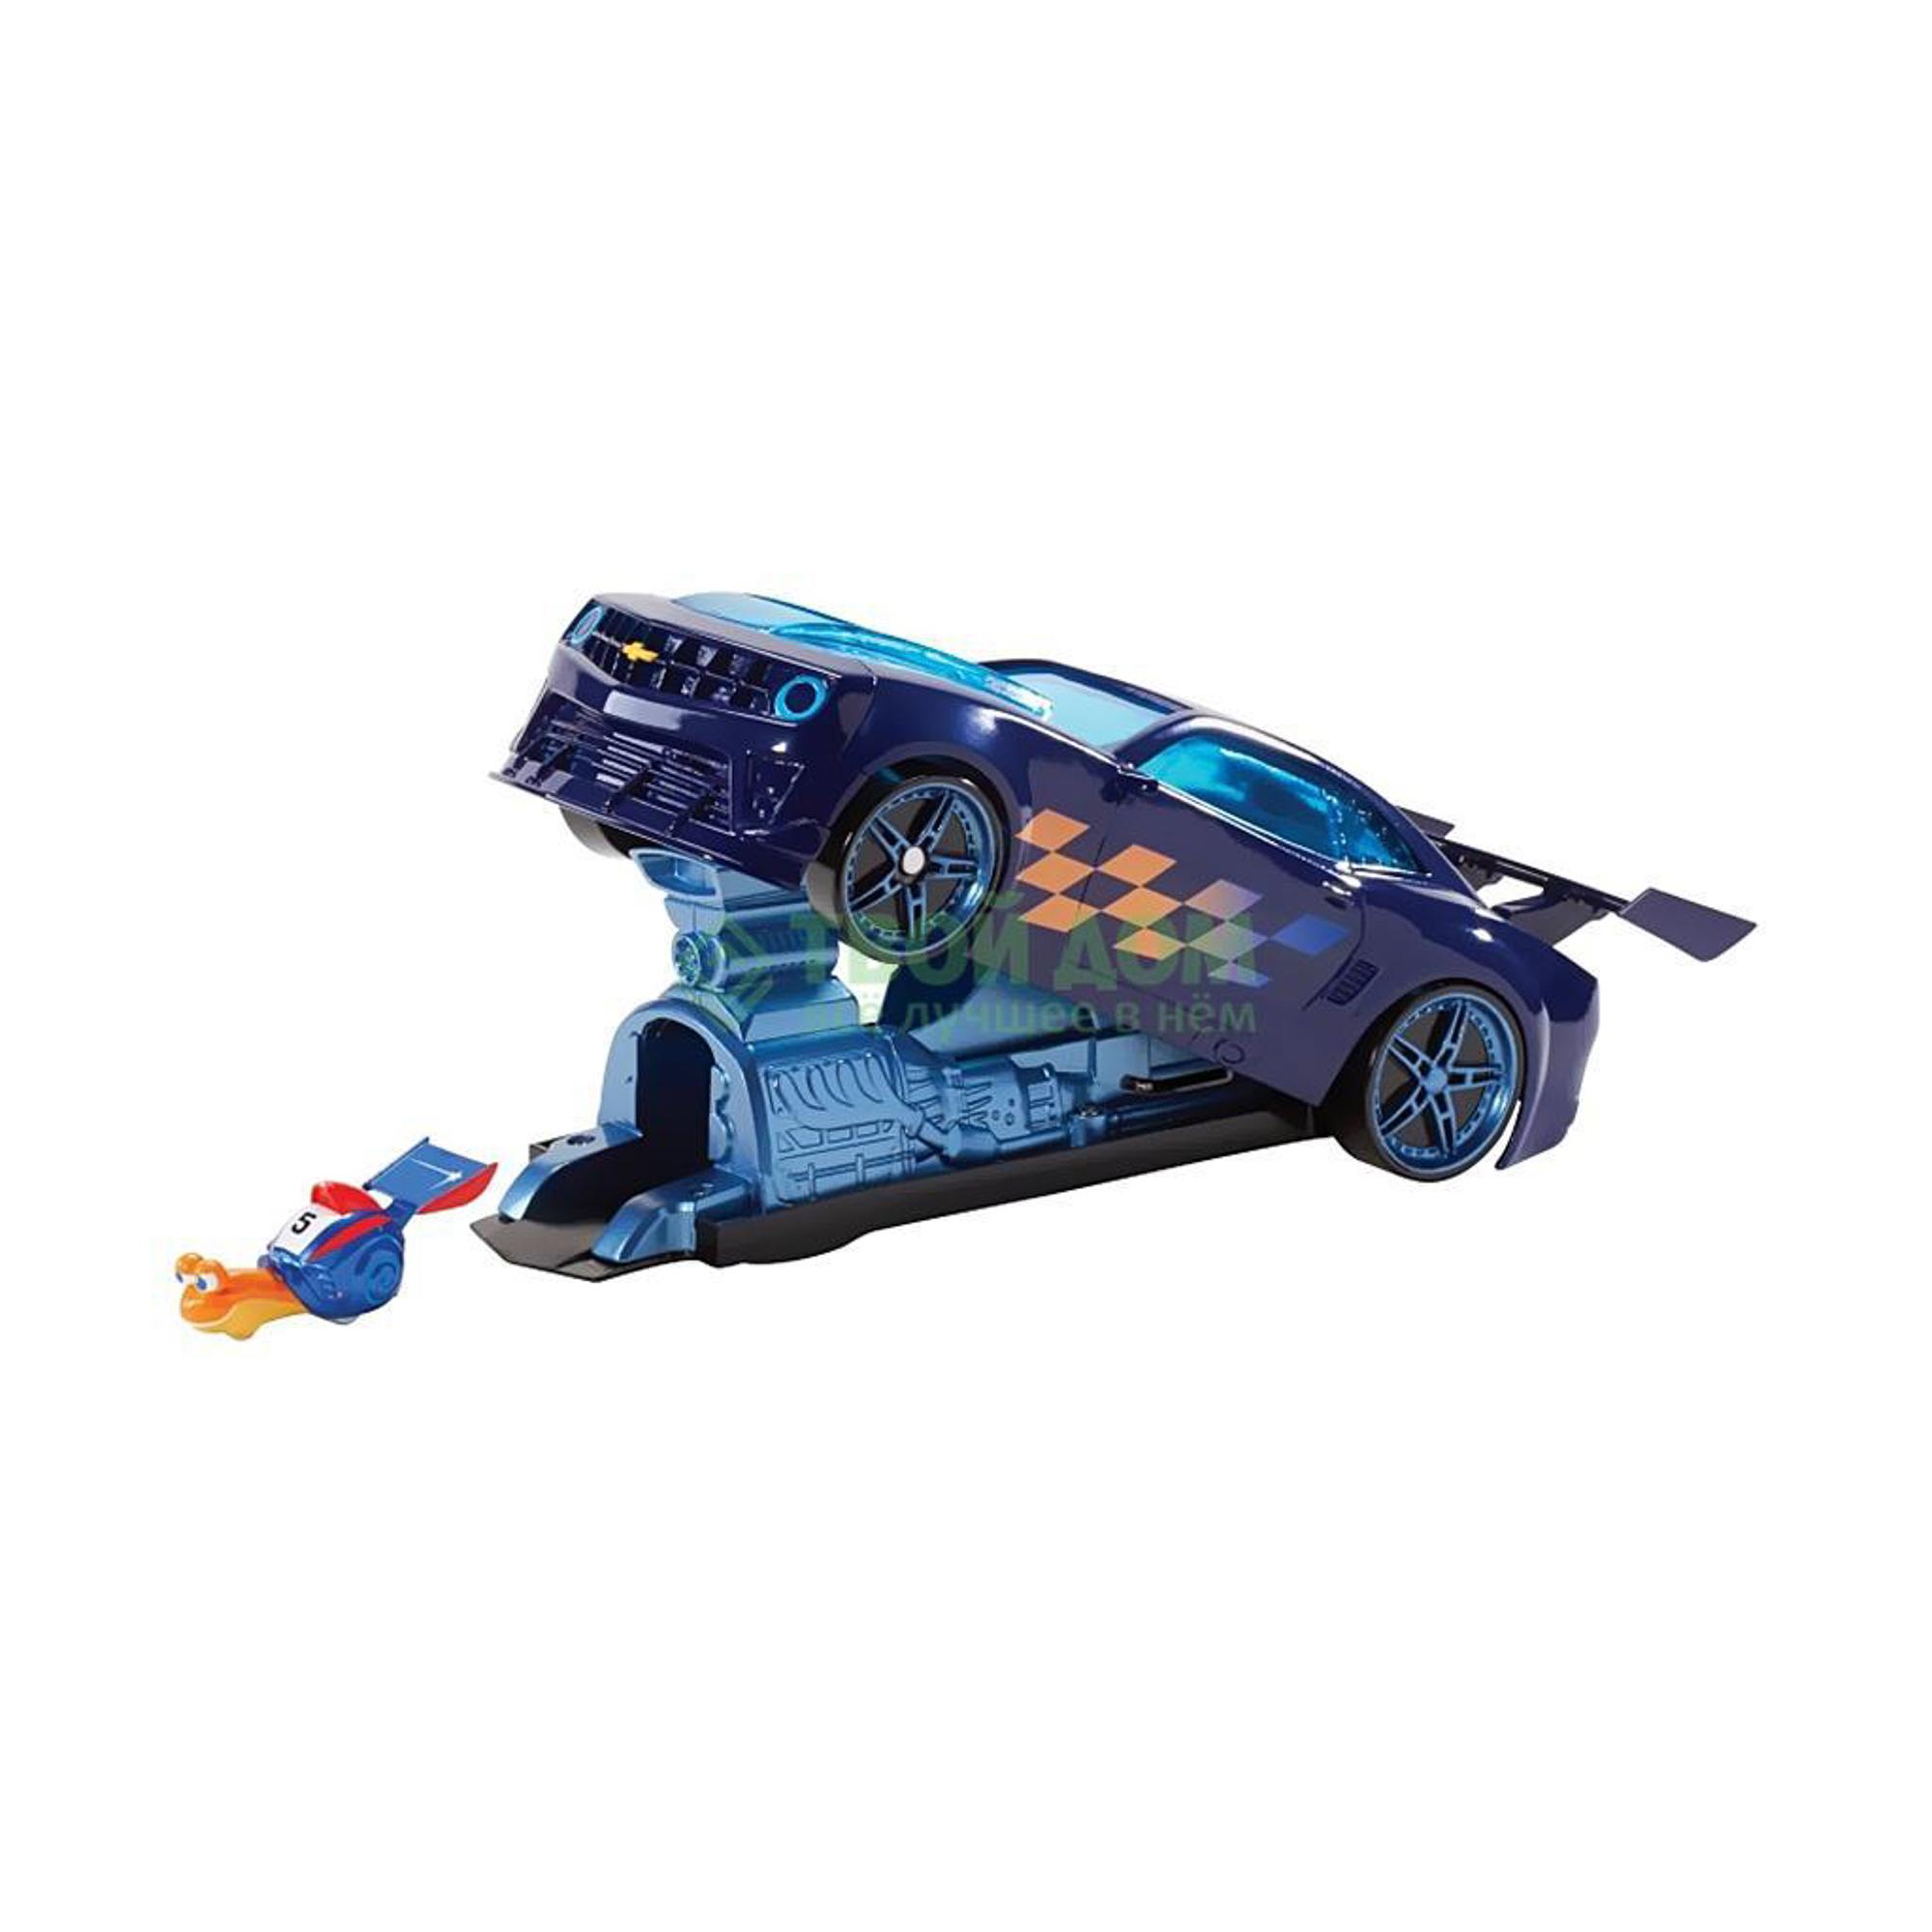 Игровой набор Mattel inc Turbo dreamworks машина д/запуска (177167) фото